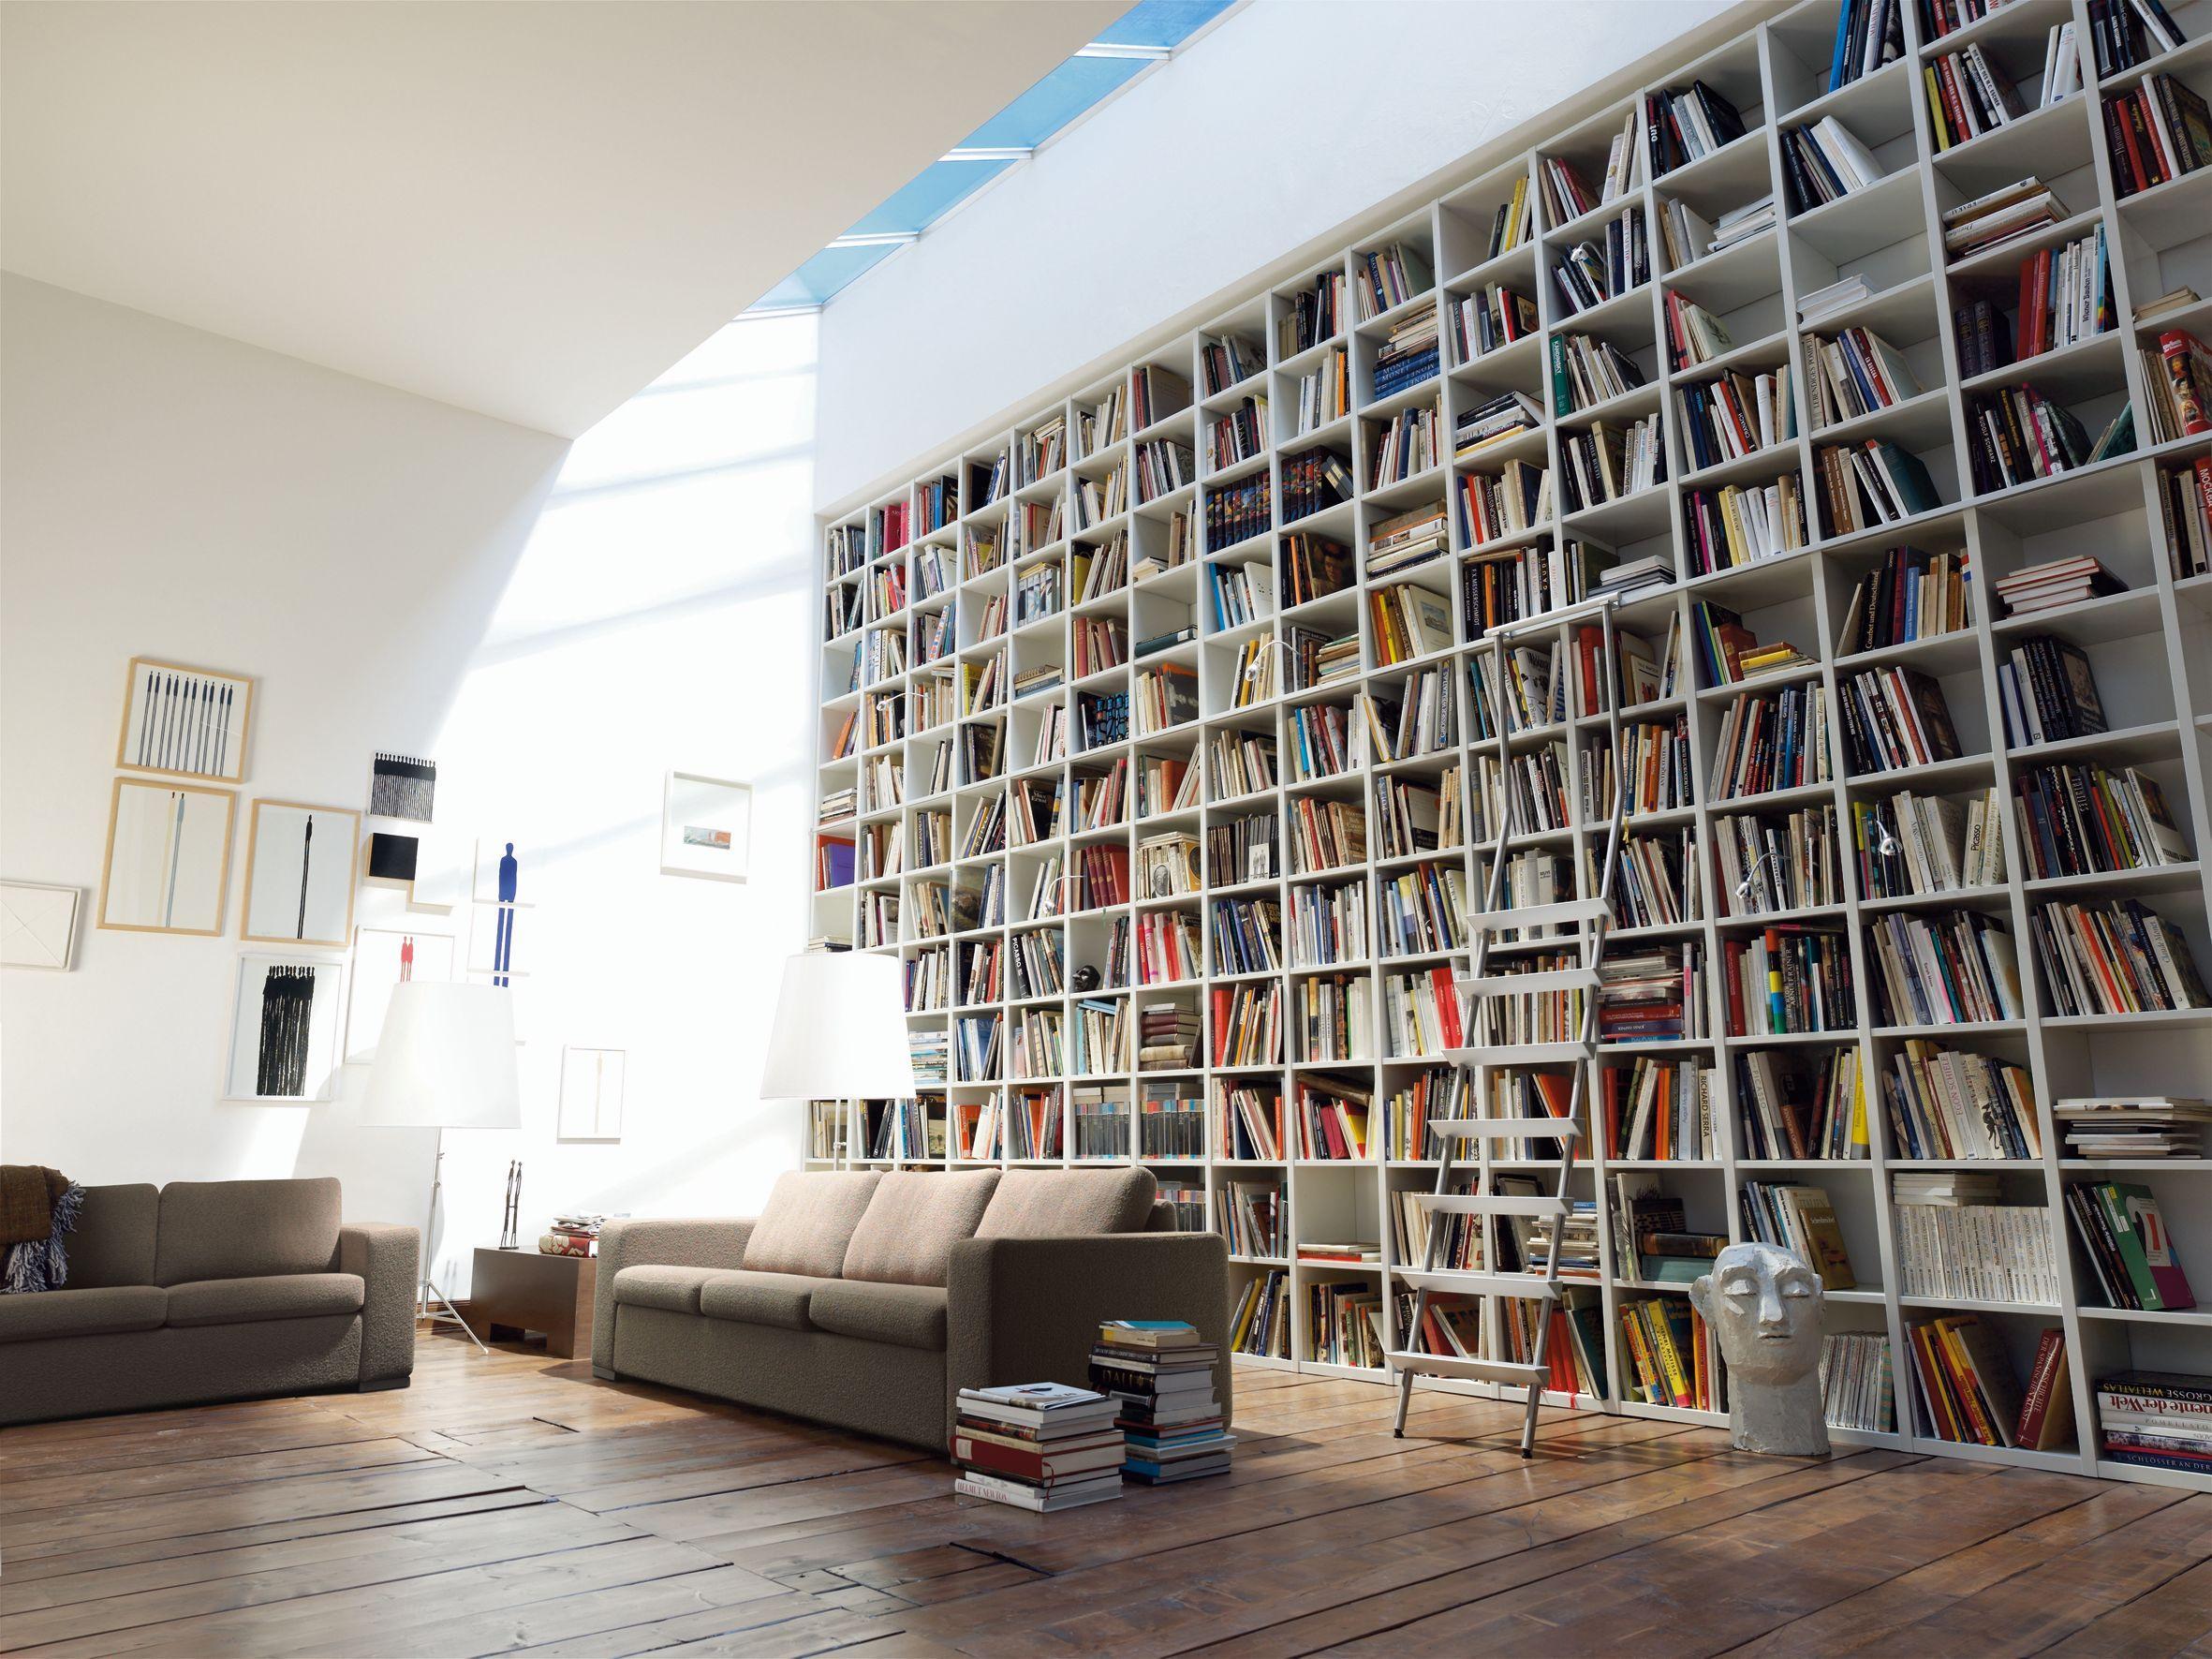 regale • bilder & ideen • couchstyle, Wohnzimmer